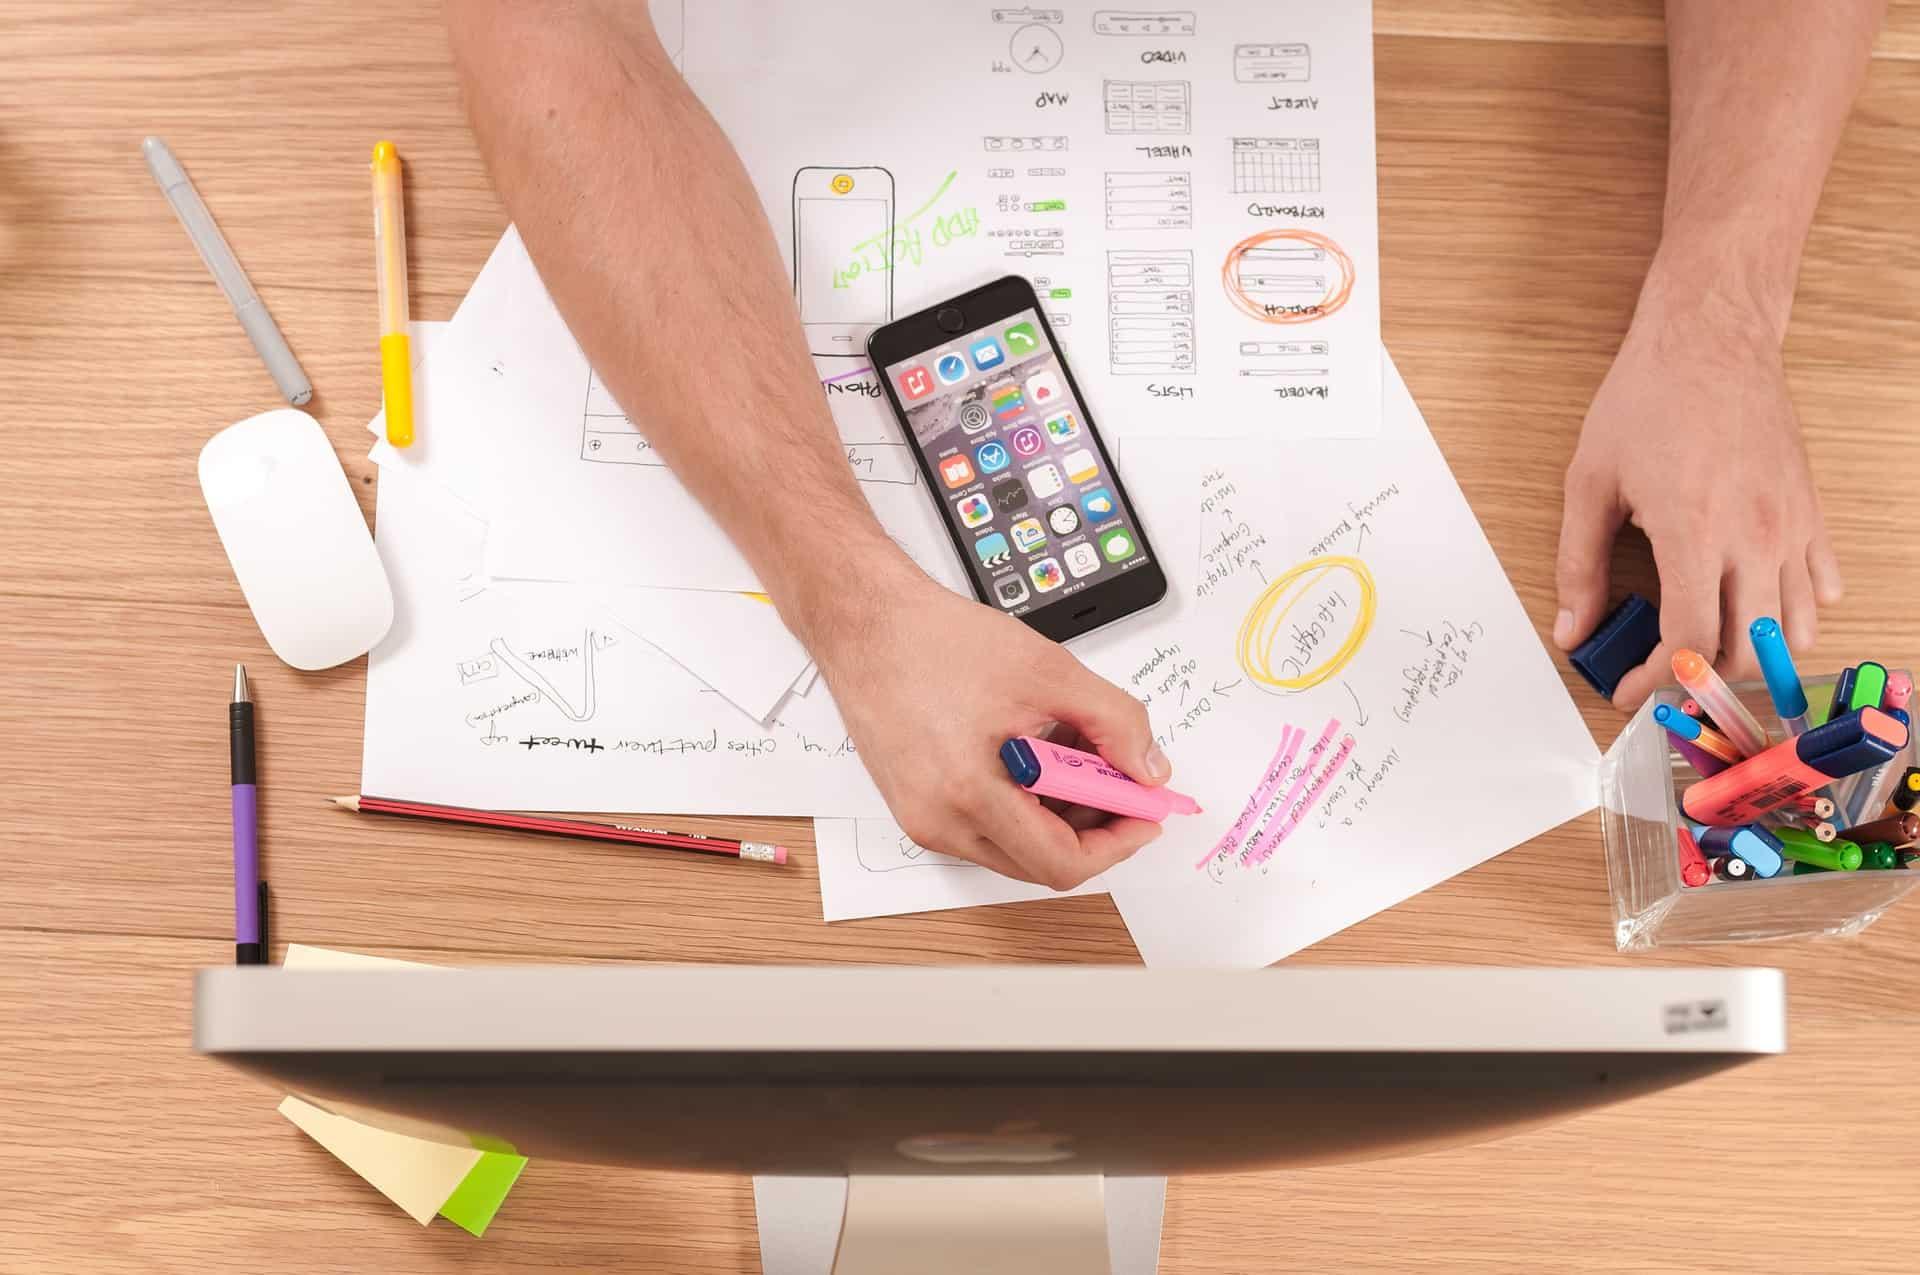 Ett bord fyllt av olika mobile user experience skisser och en mobil över pappren. En hand skissar på en av papprena.